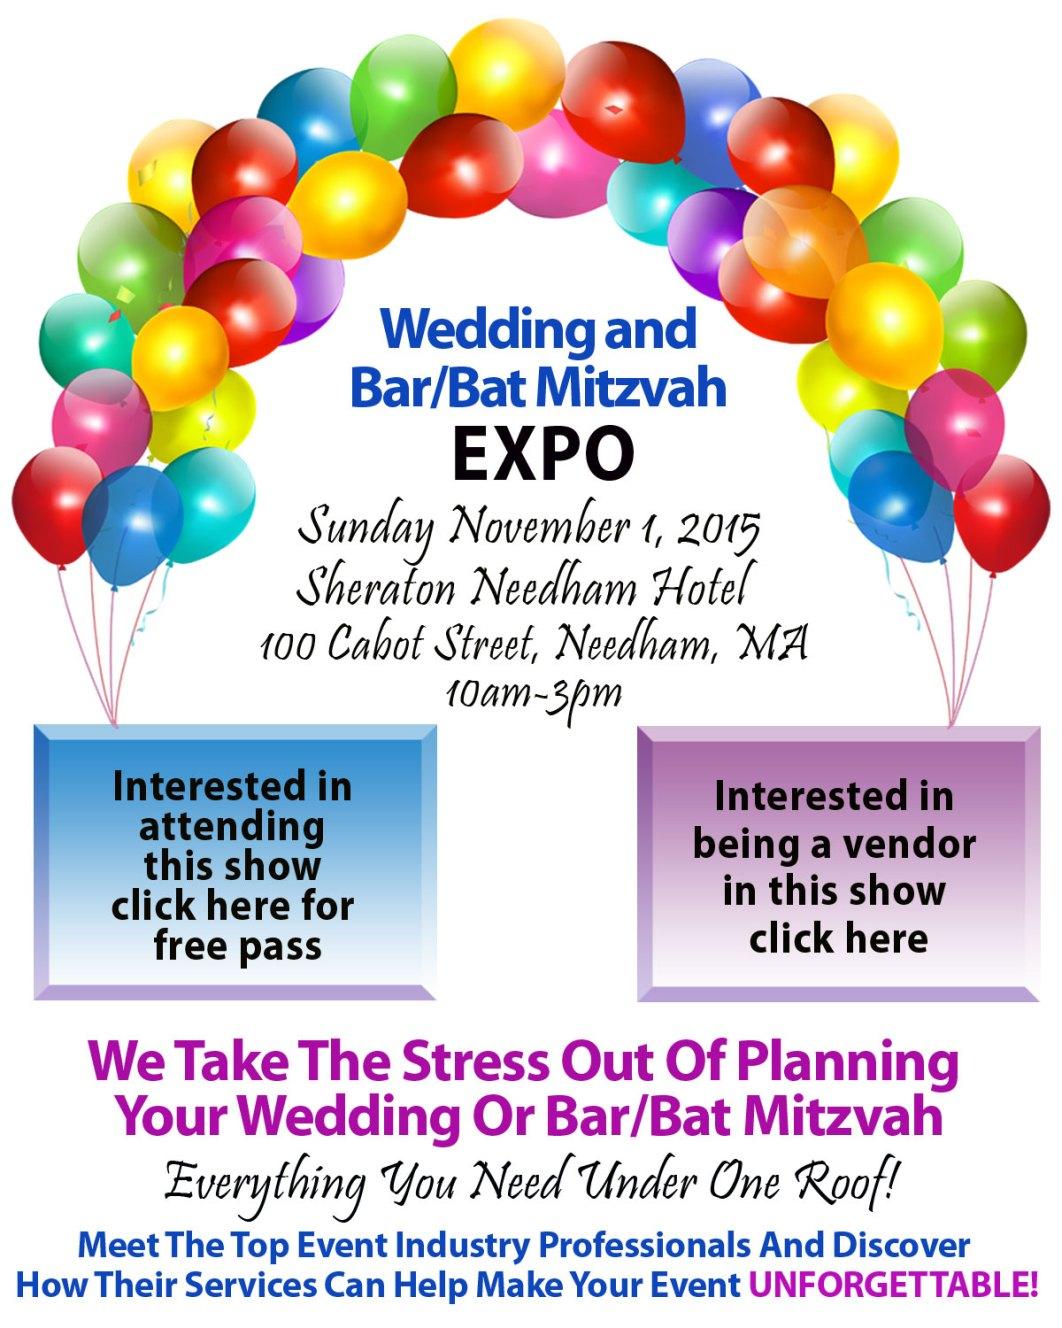 Wedding and Bar/Bat Mitzvah Expo 2015